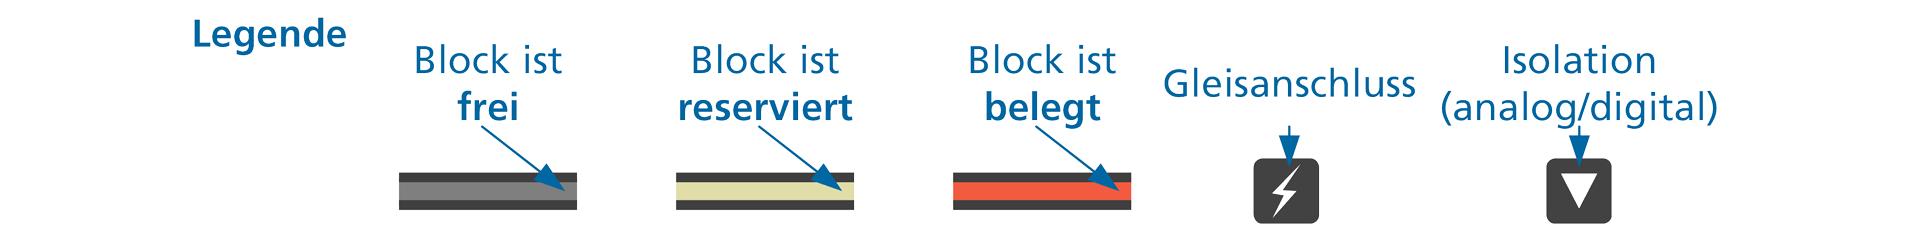 Visualisierung der ALAN Blocksignalisierung - Legende